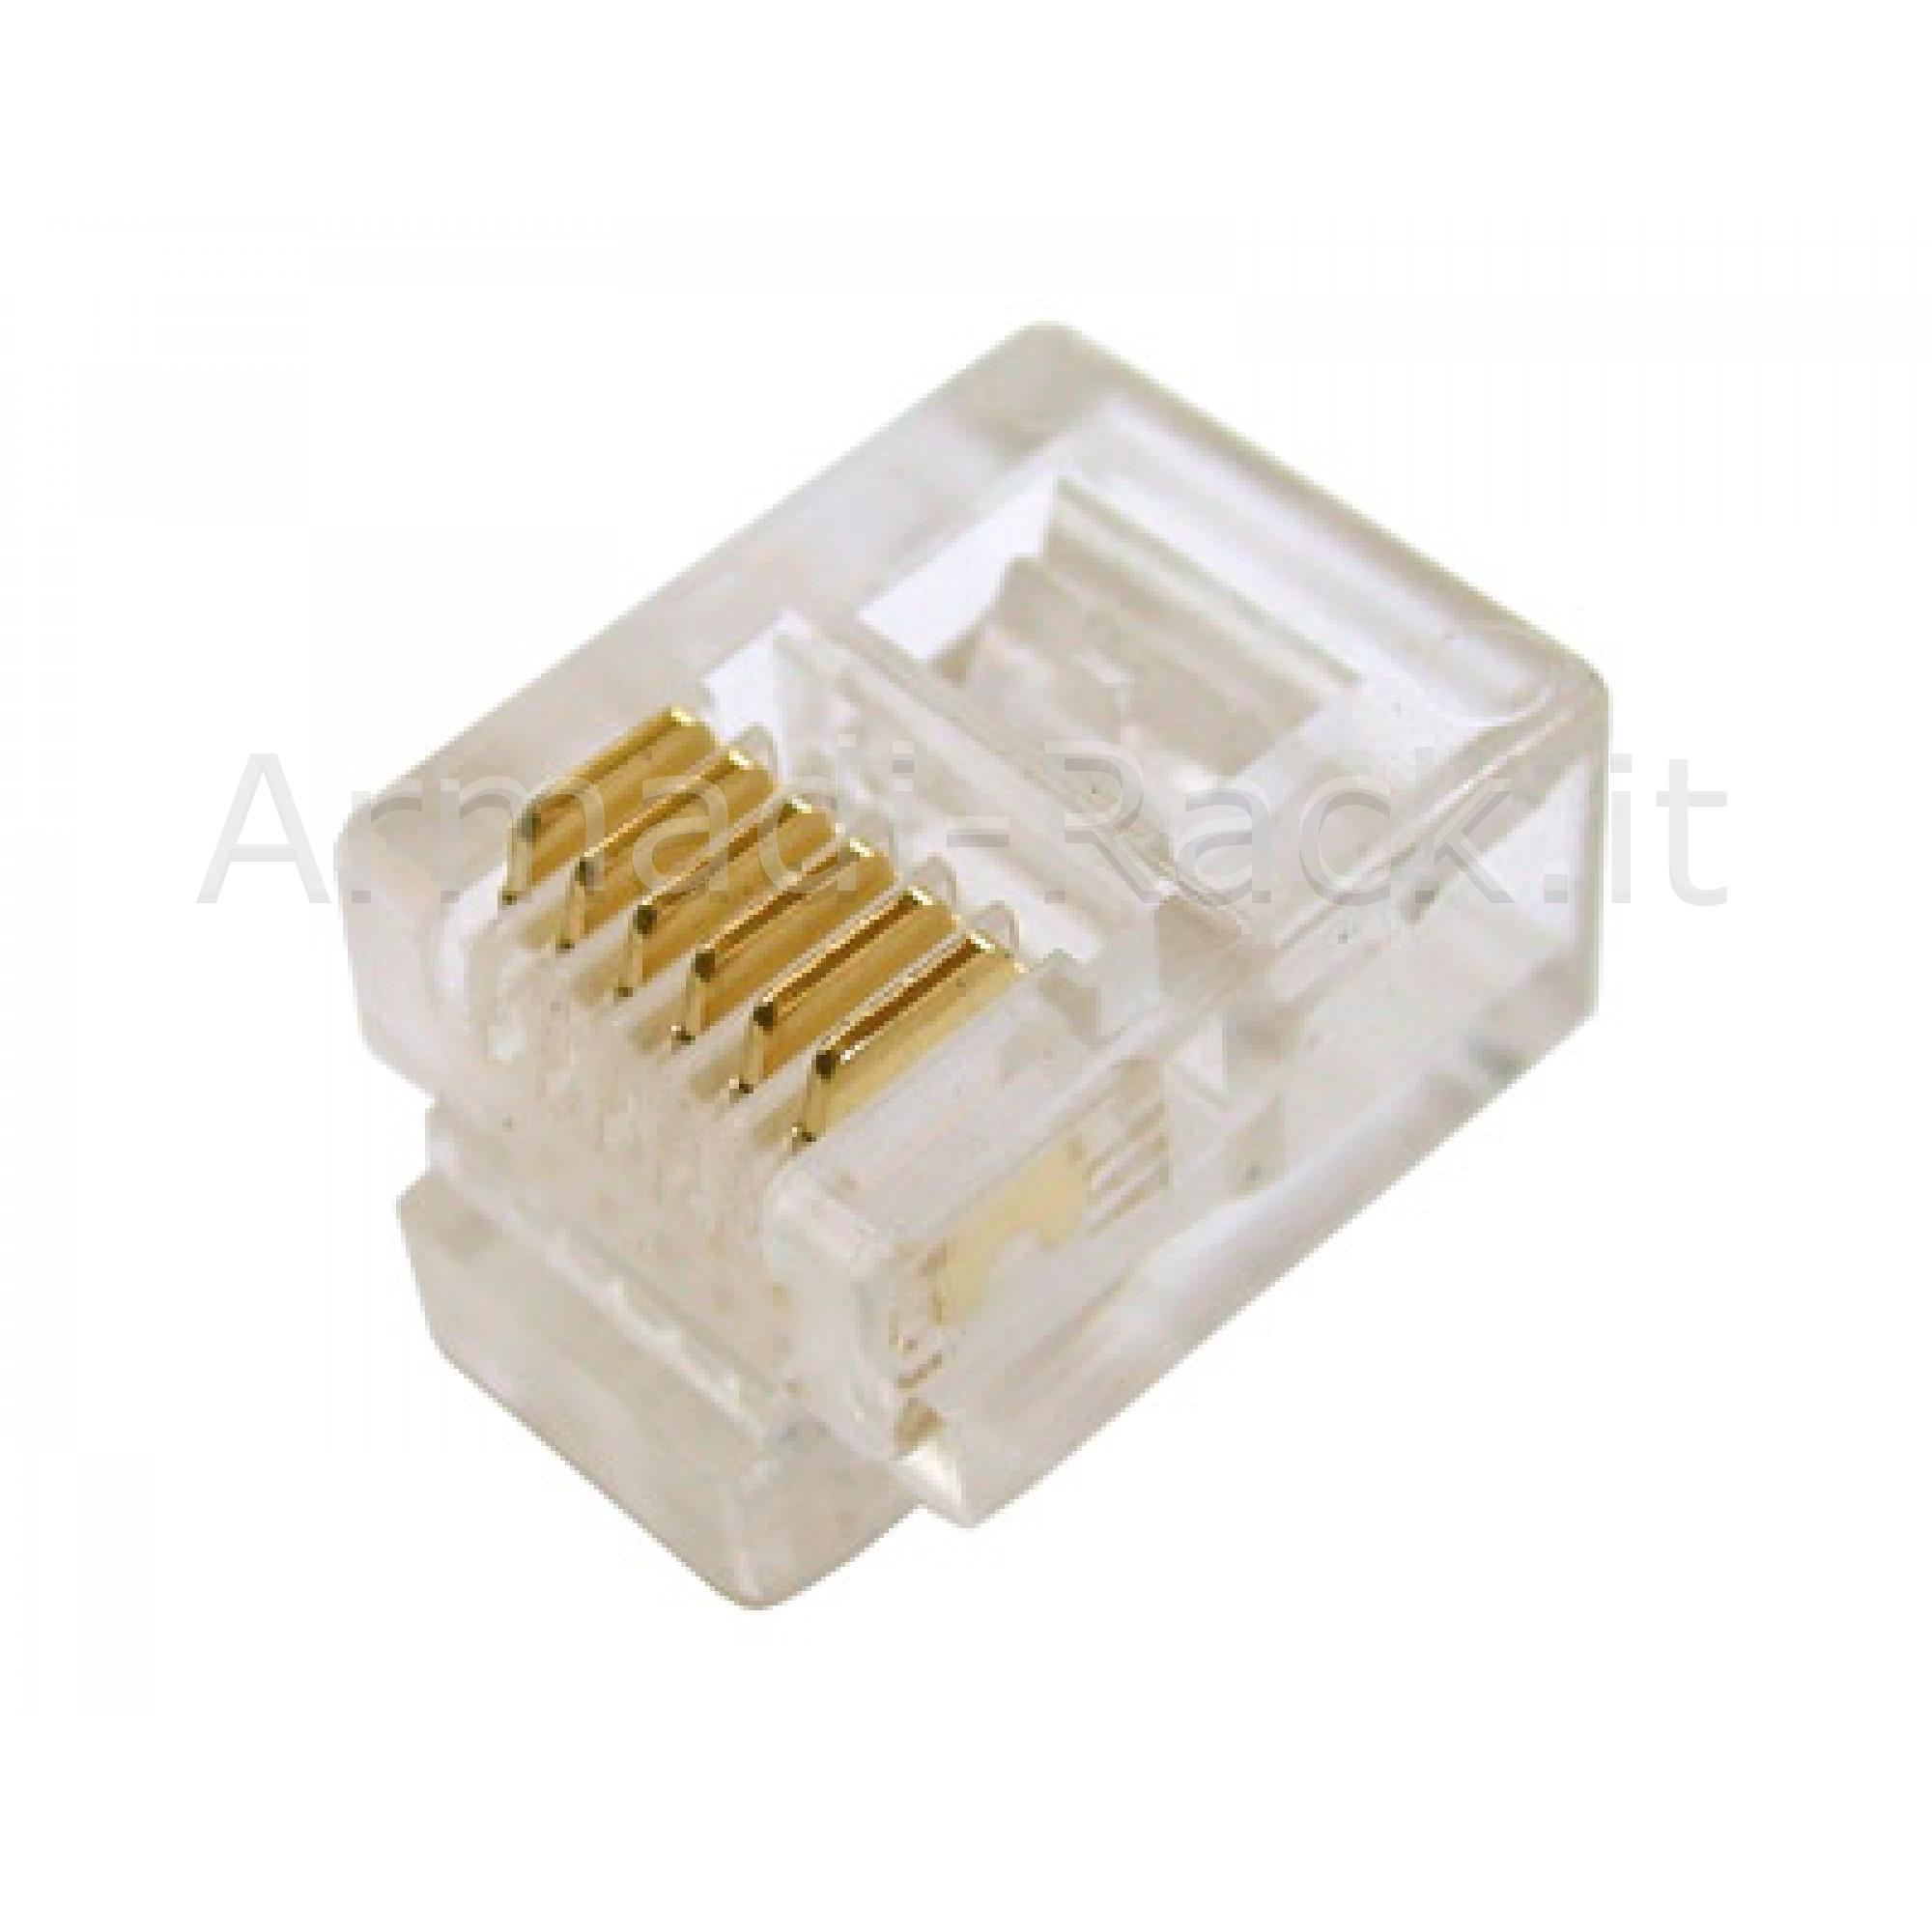 CONNETTORE PLUG TELEFONICO 6 CONDUTTORI 6 POSIZIONI 6P6C RJ12 (A-MO 6/6 SF)